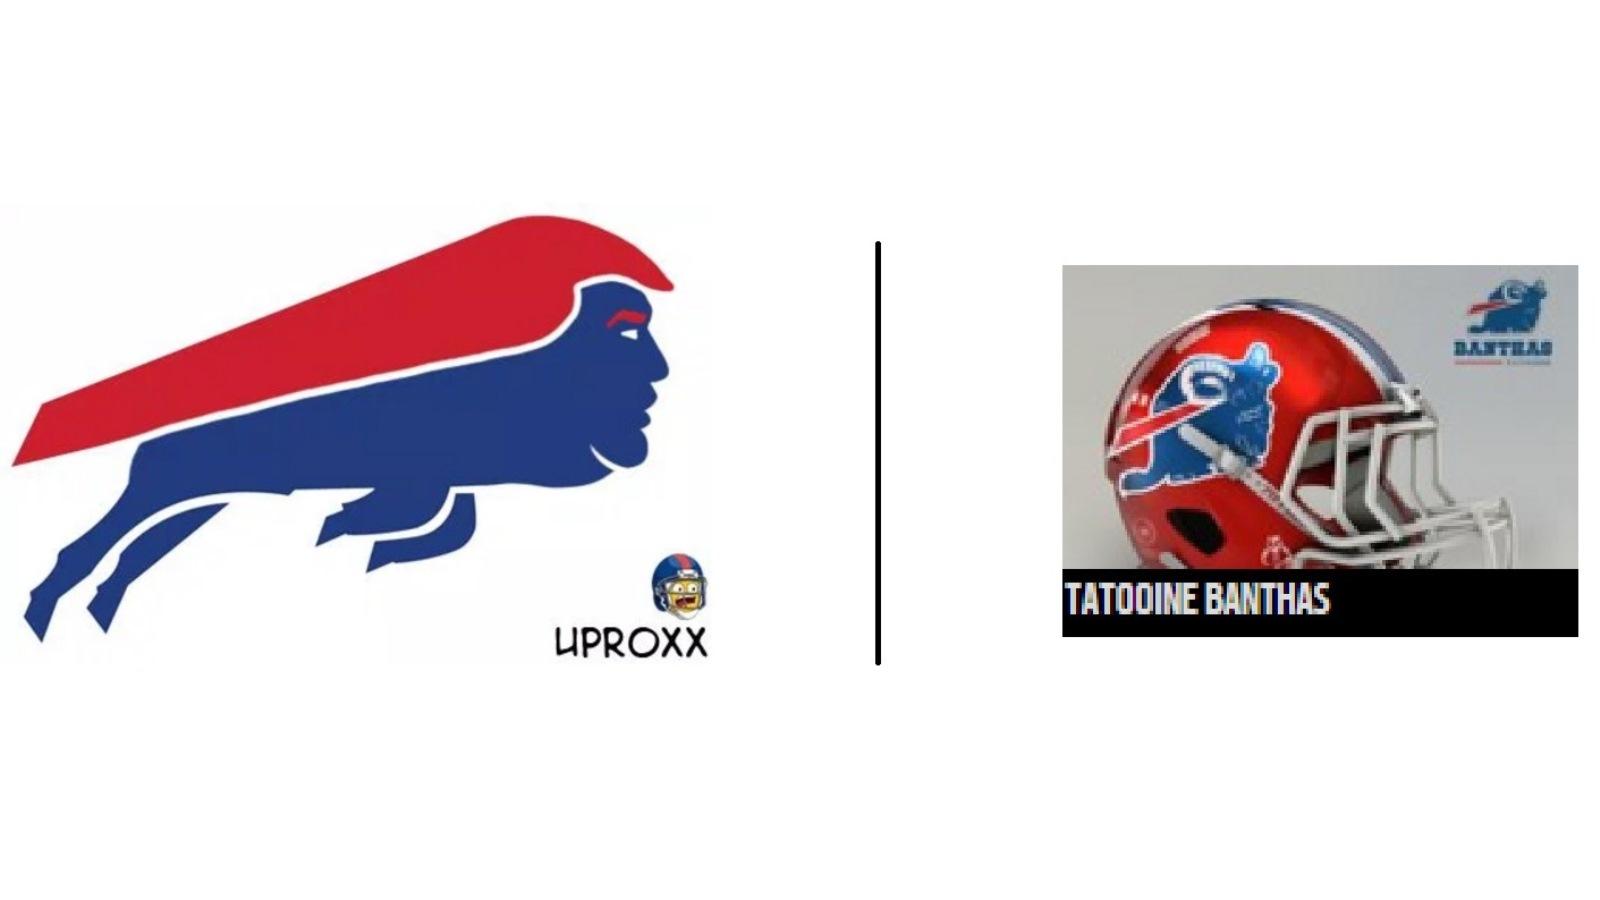 Logos by uproxx.com, NFL.com